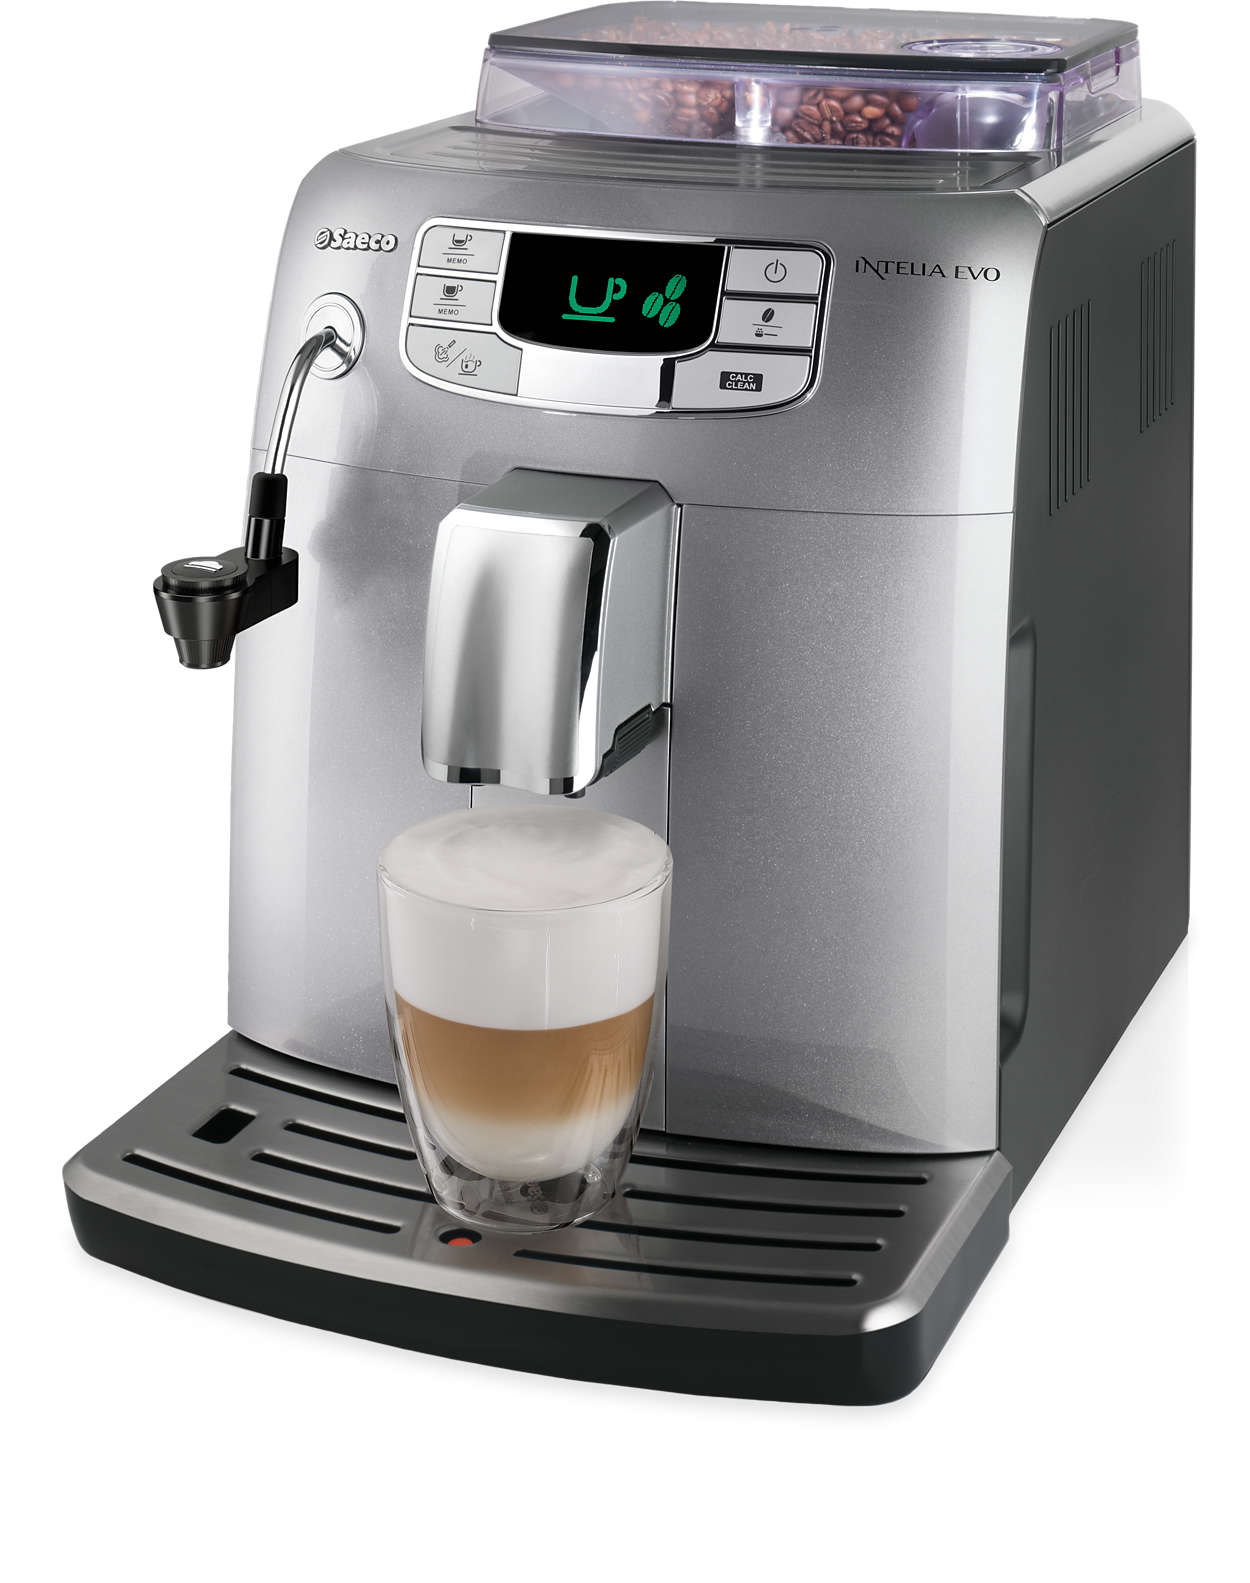 Espresso en melkschuim met één druk op de knop